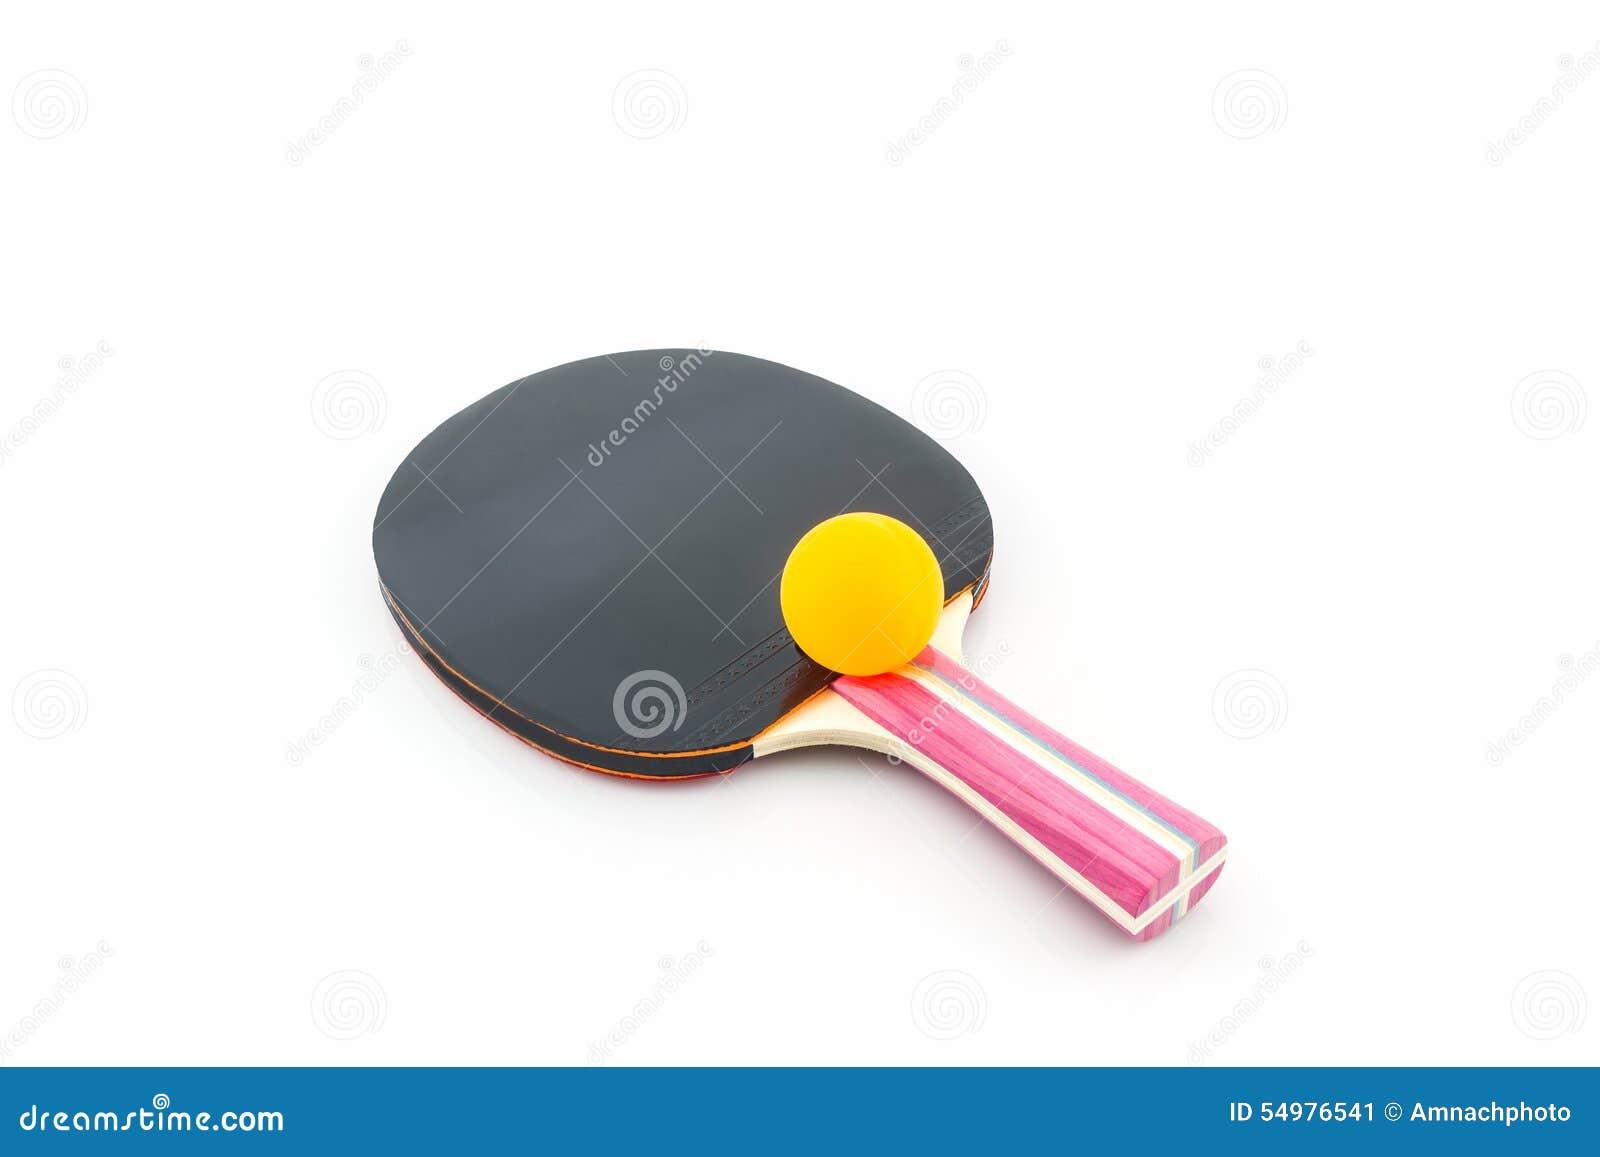 Schläger des Tischtennis (Tischtennis) und ein Ball